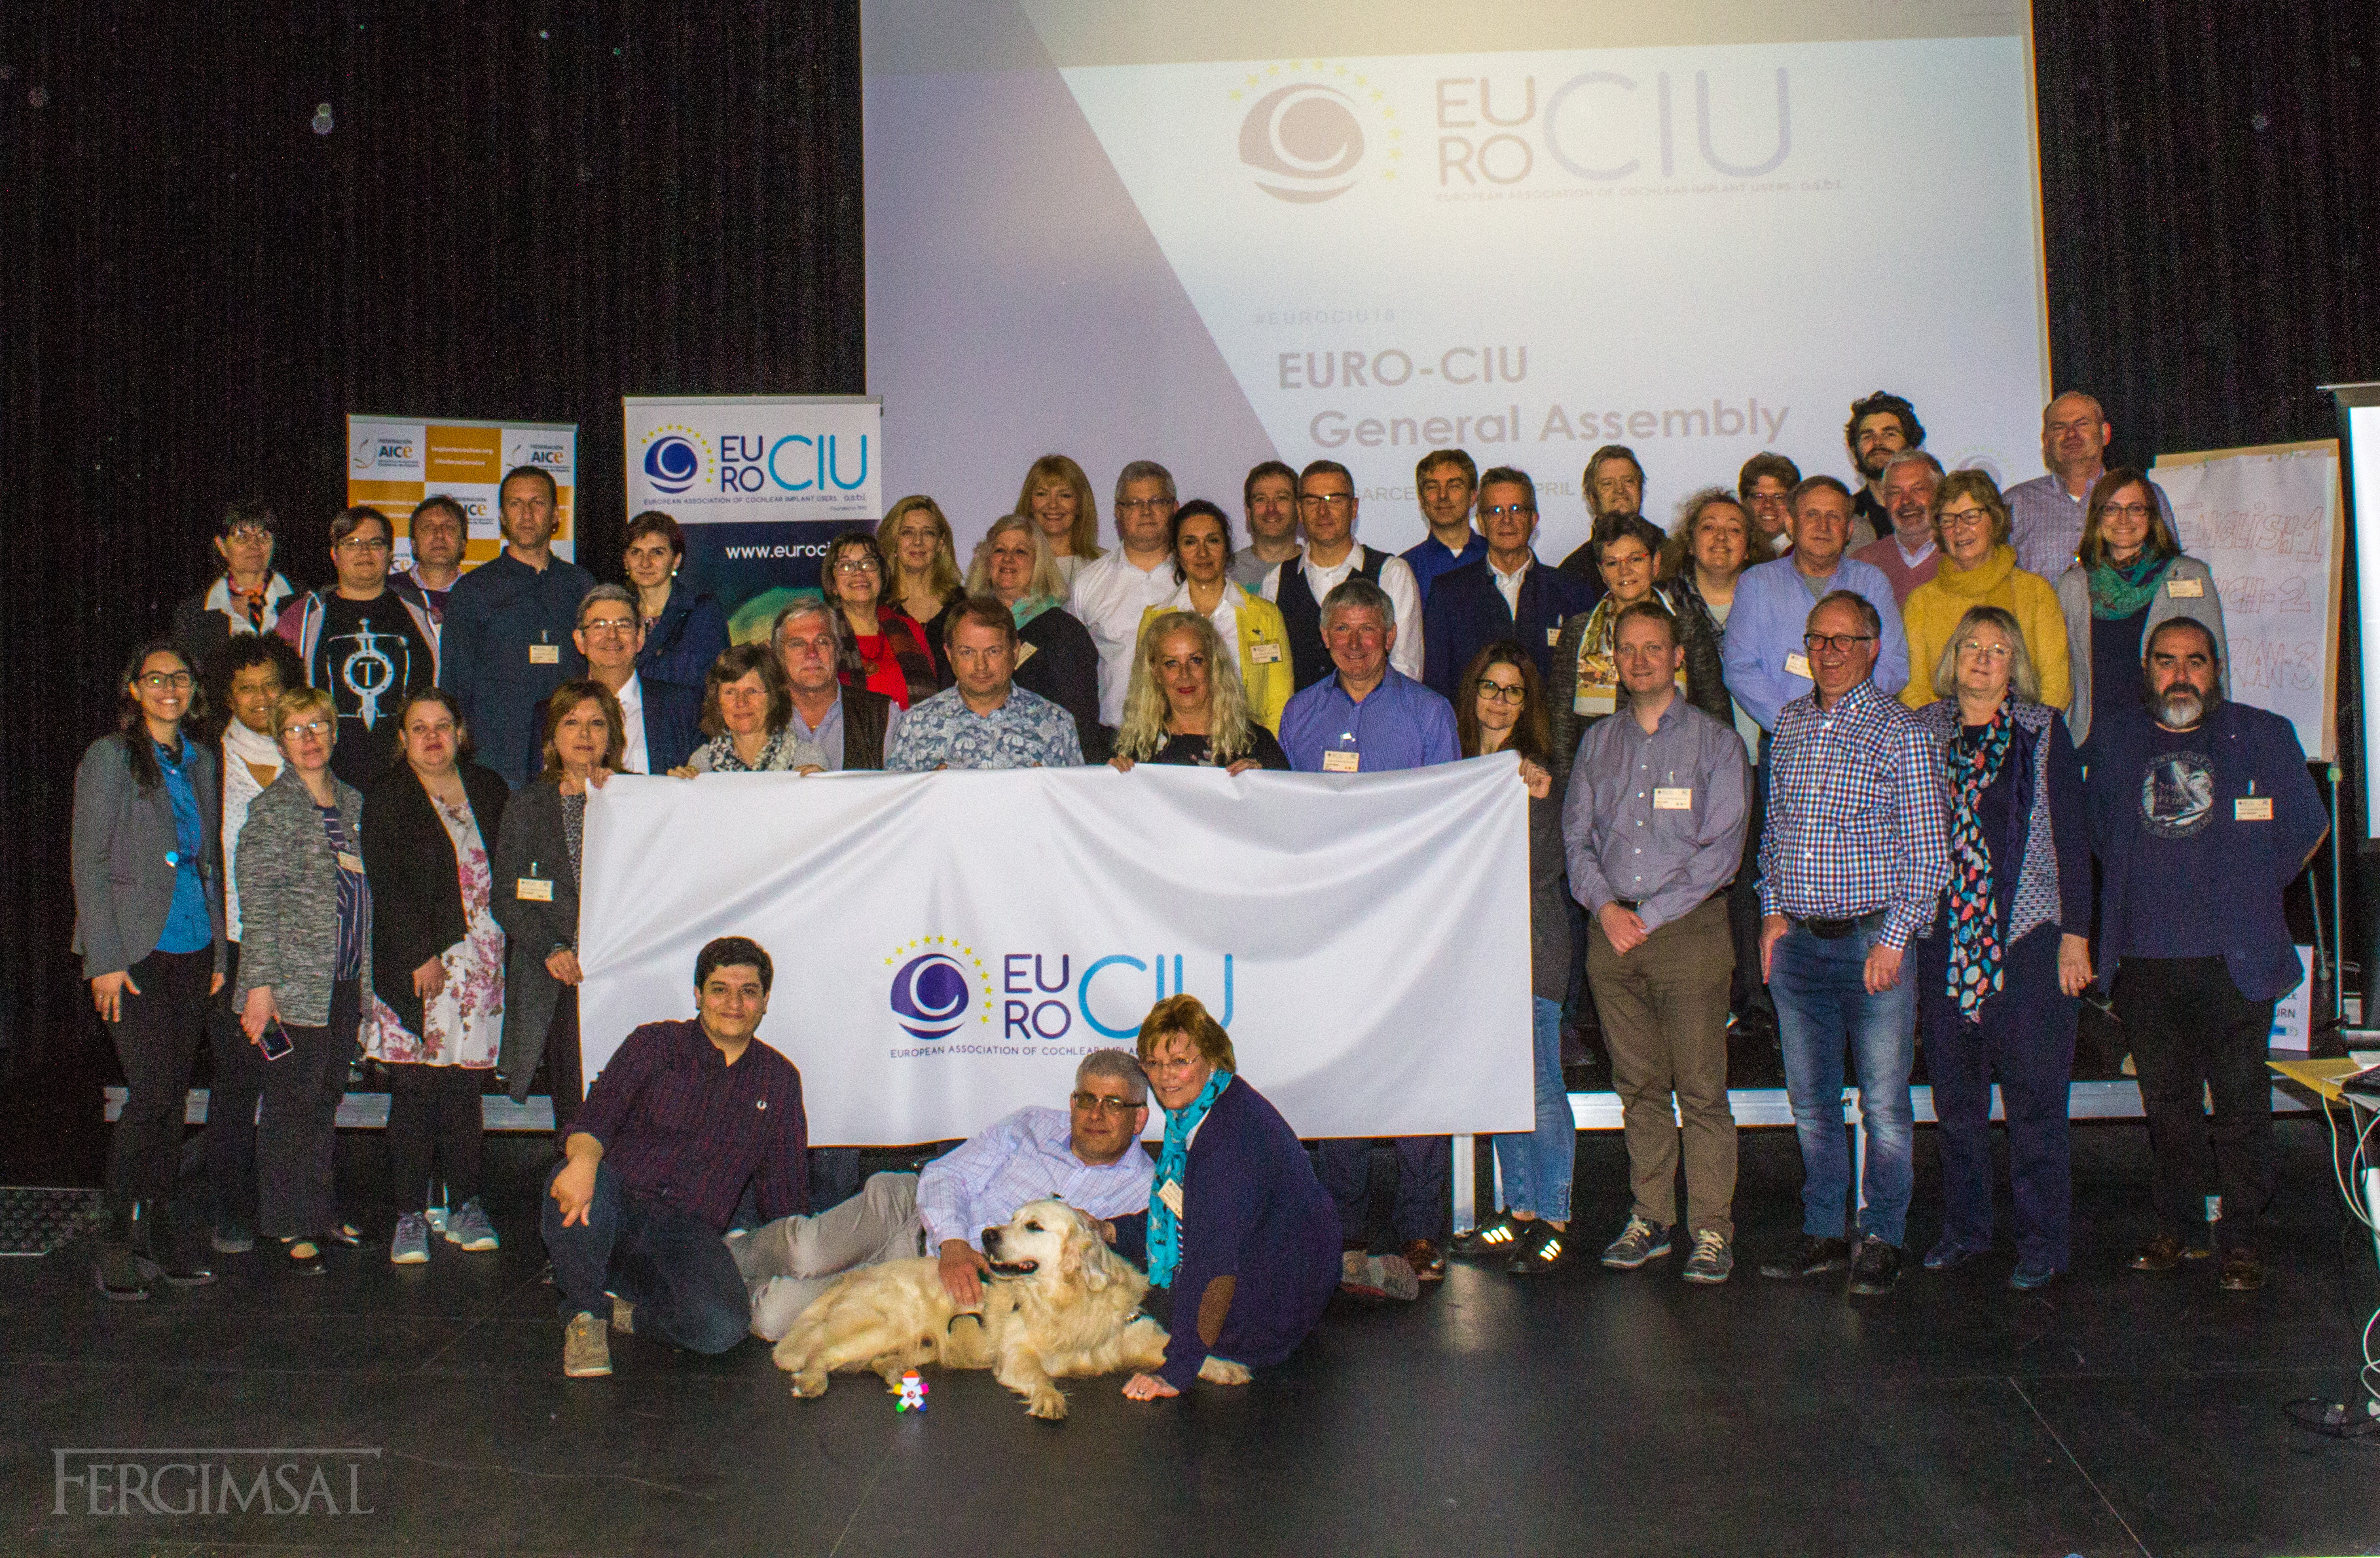 Grupo de participantes en la Asamblea General EUROCIU, Barcelona 2018